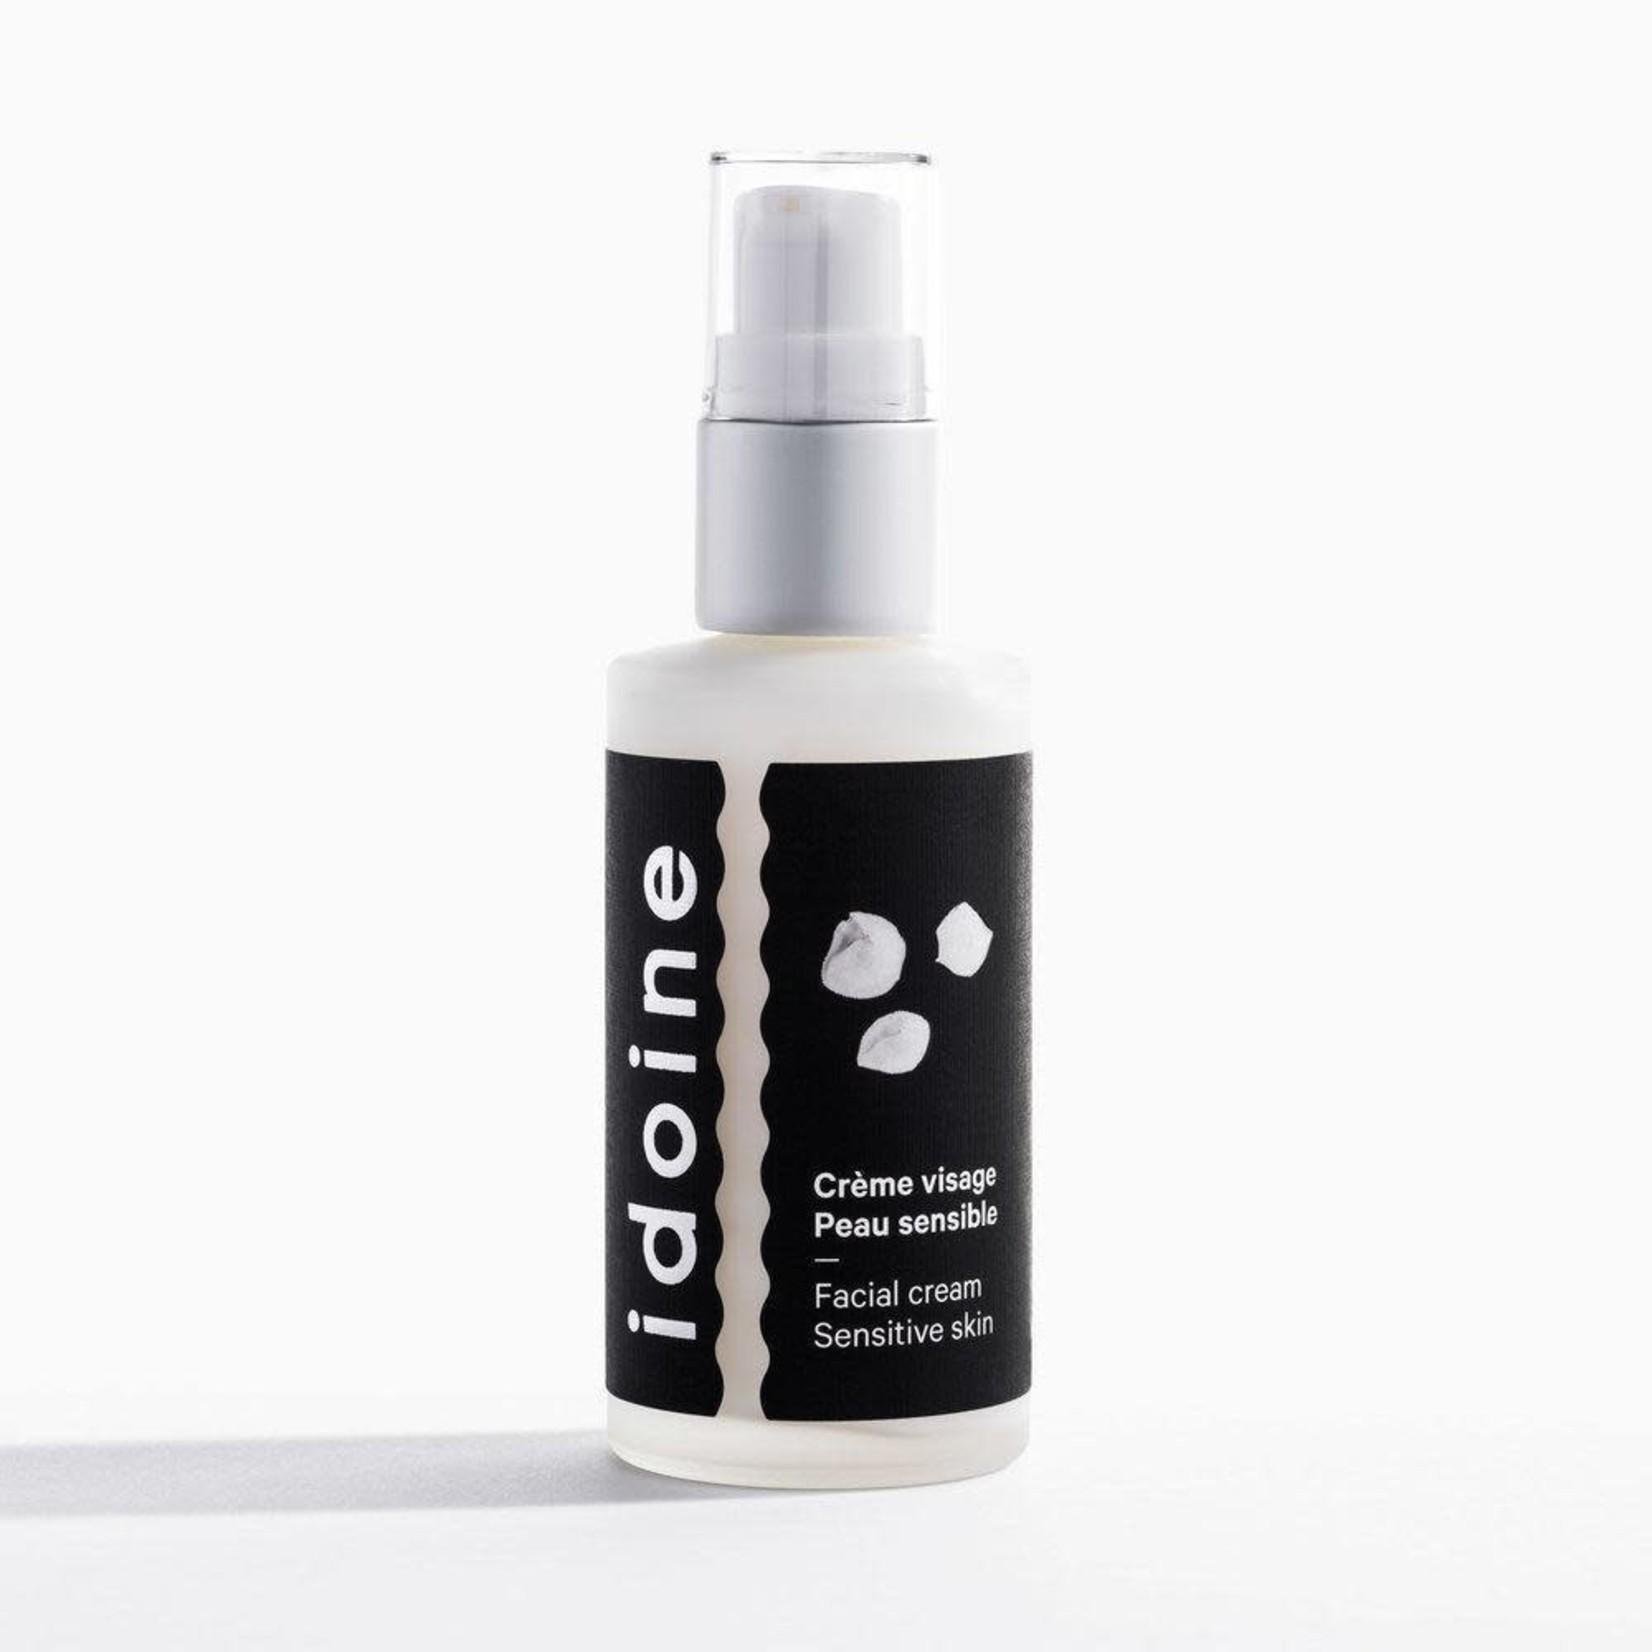 Idoine Crème visage peau sensible